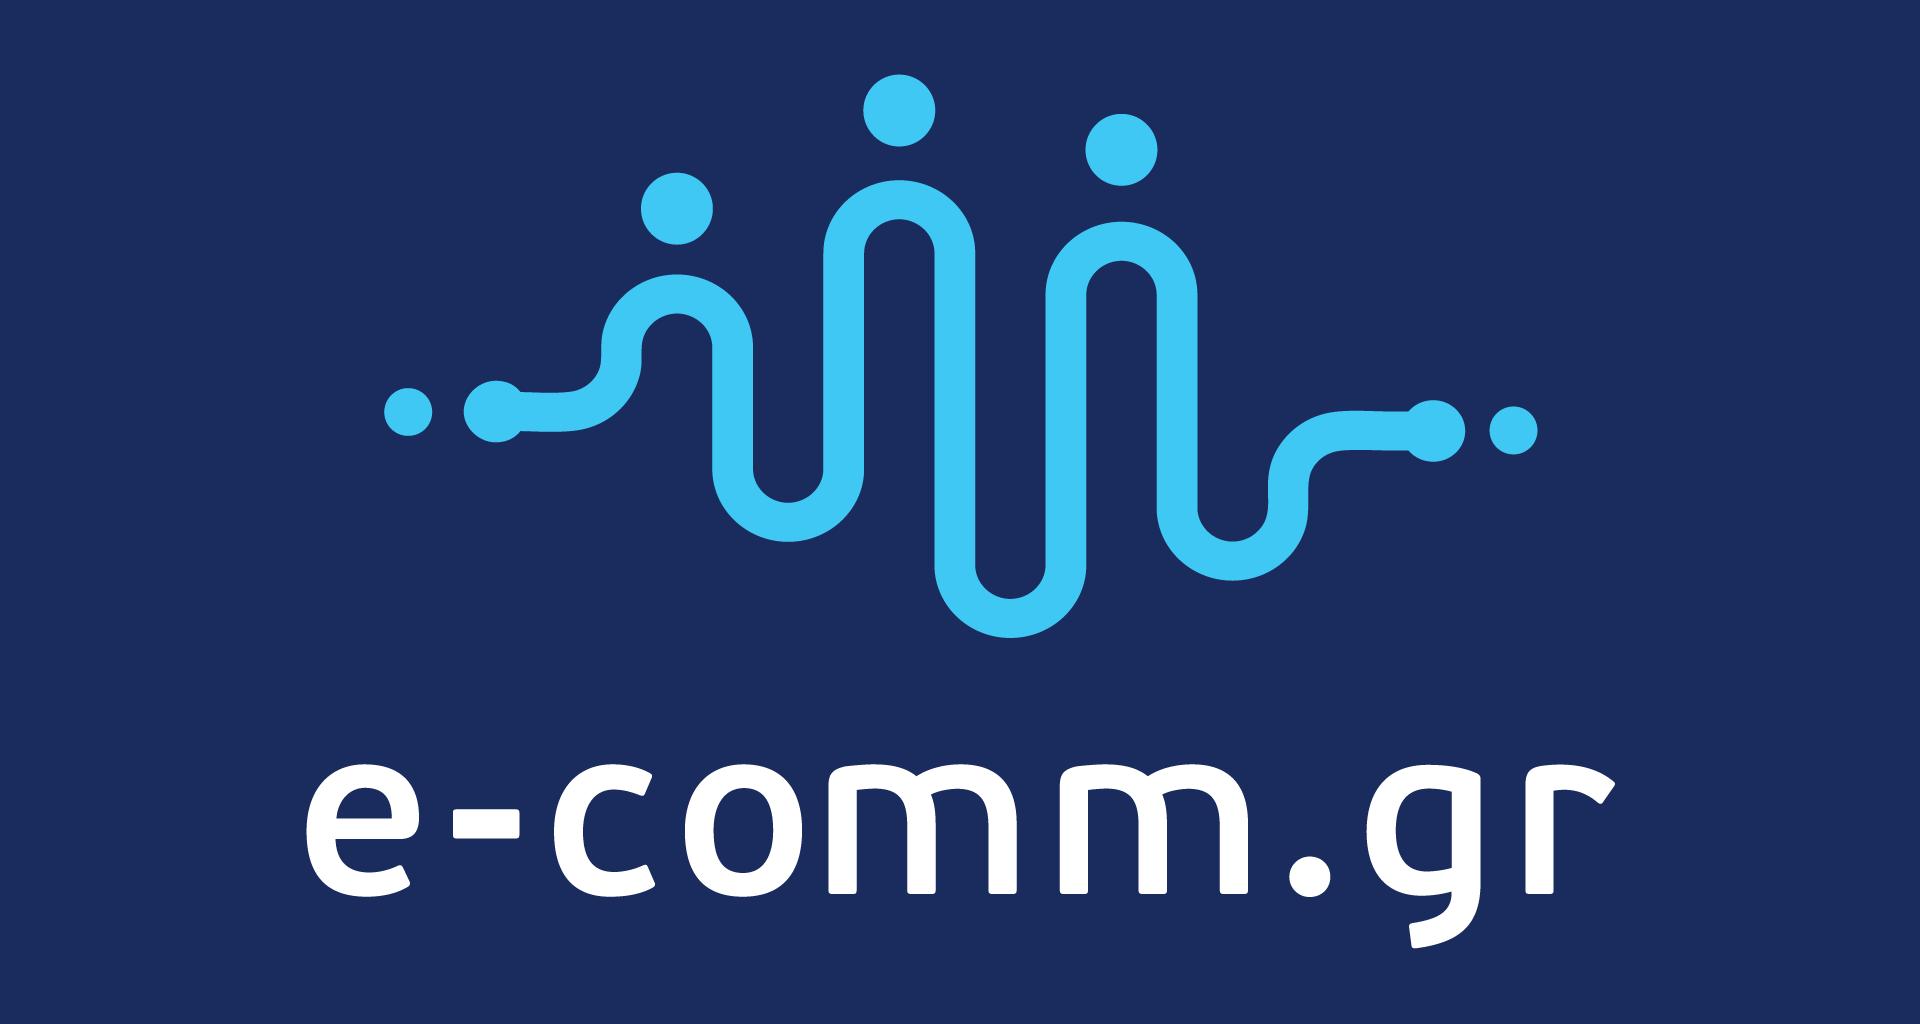 e-comm.gr